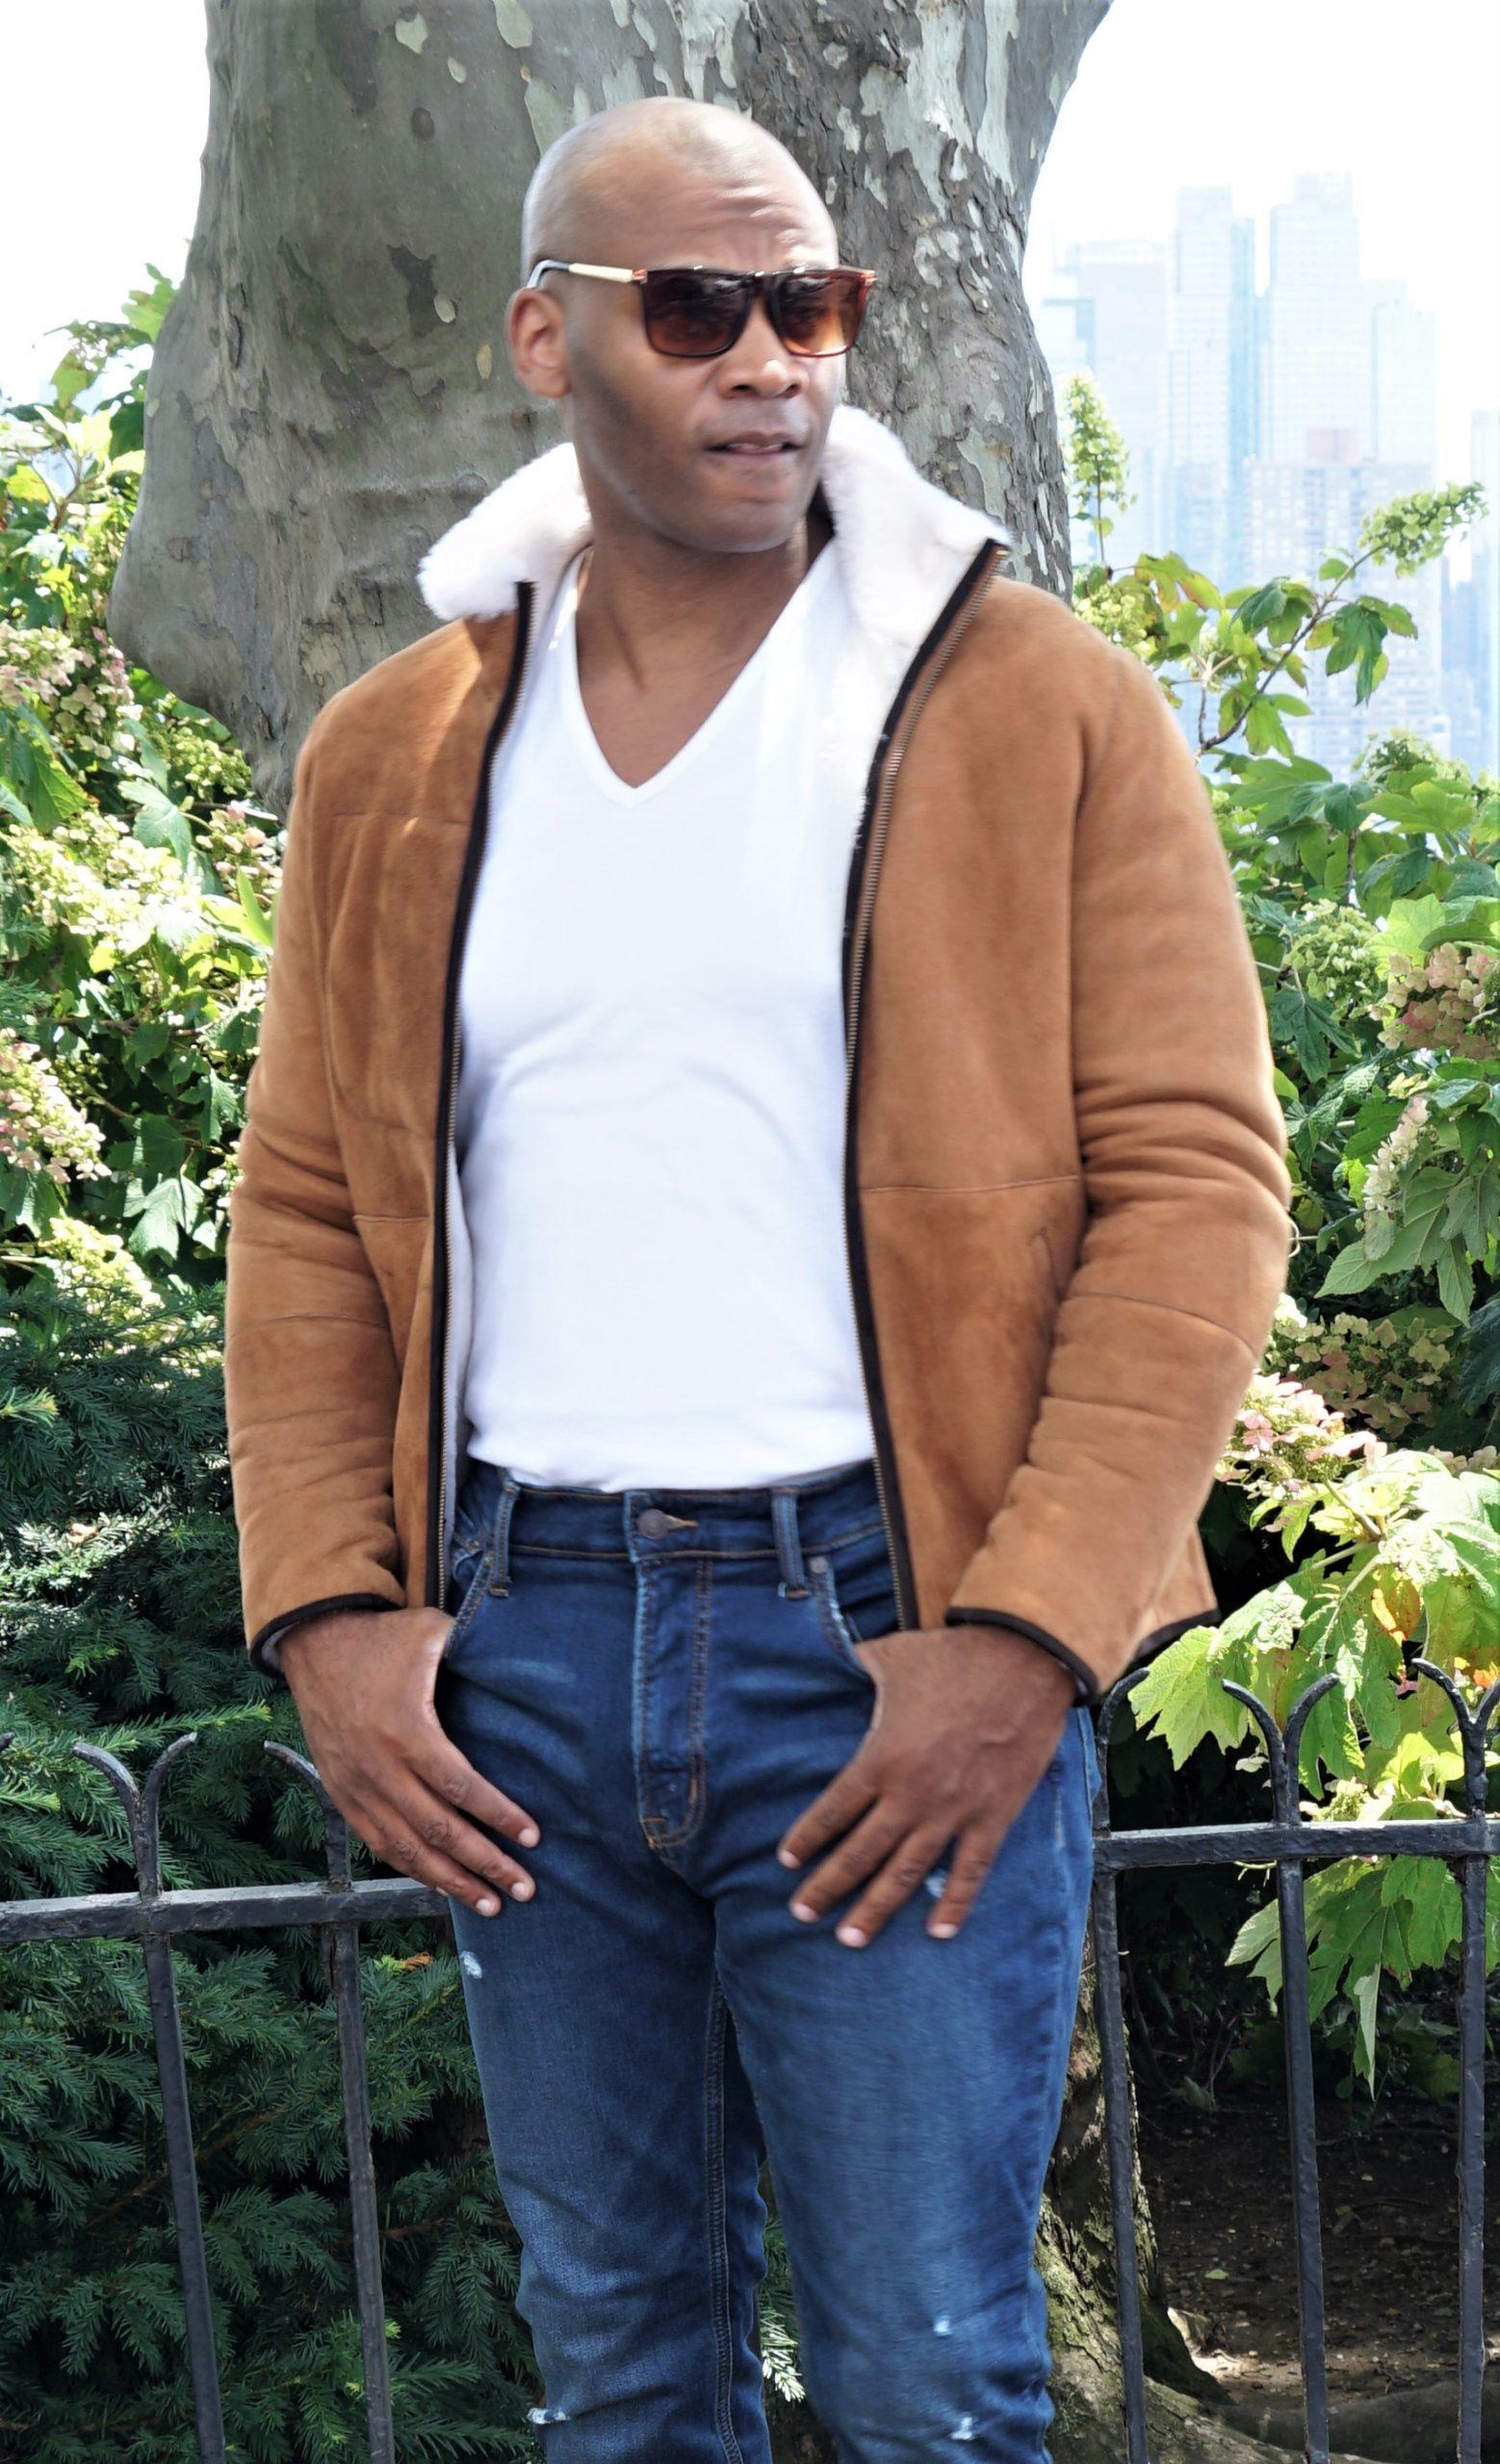 Designer Shearling Jacket for Men